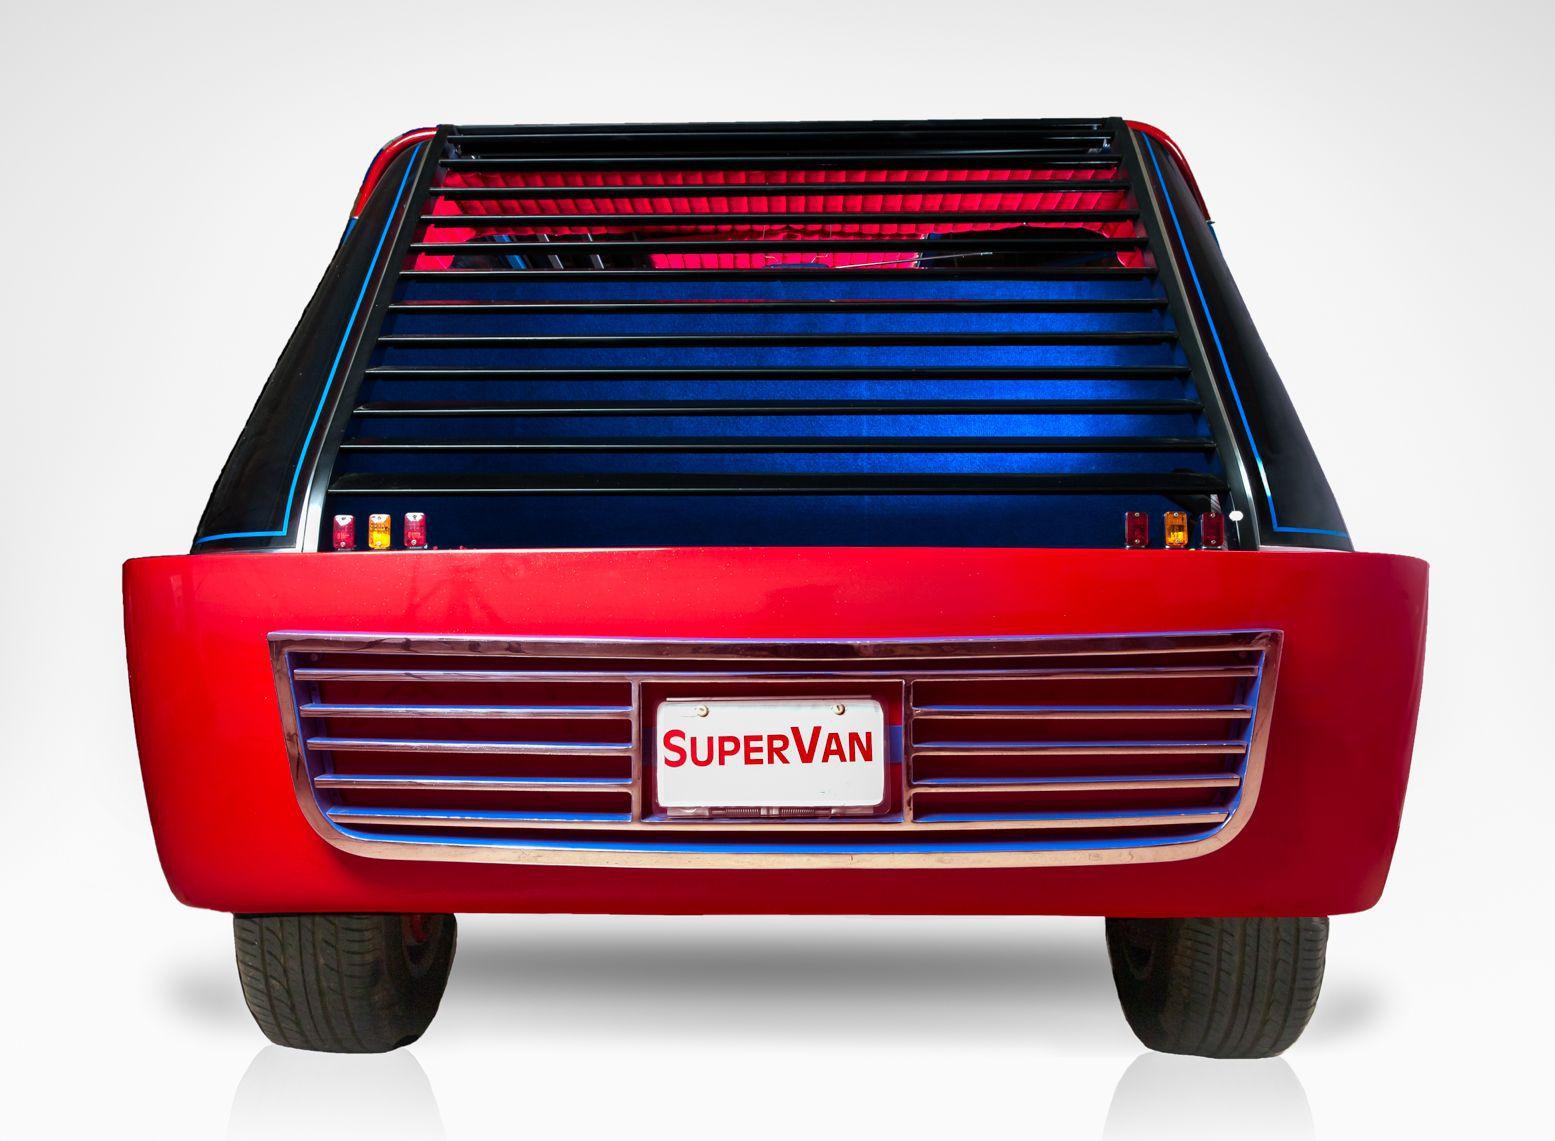 Hollywood Legends Super Van rear